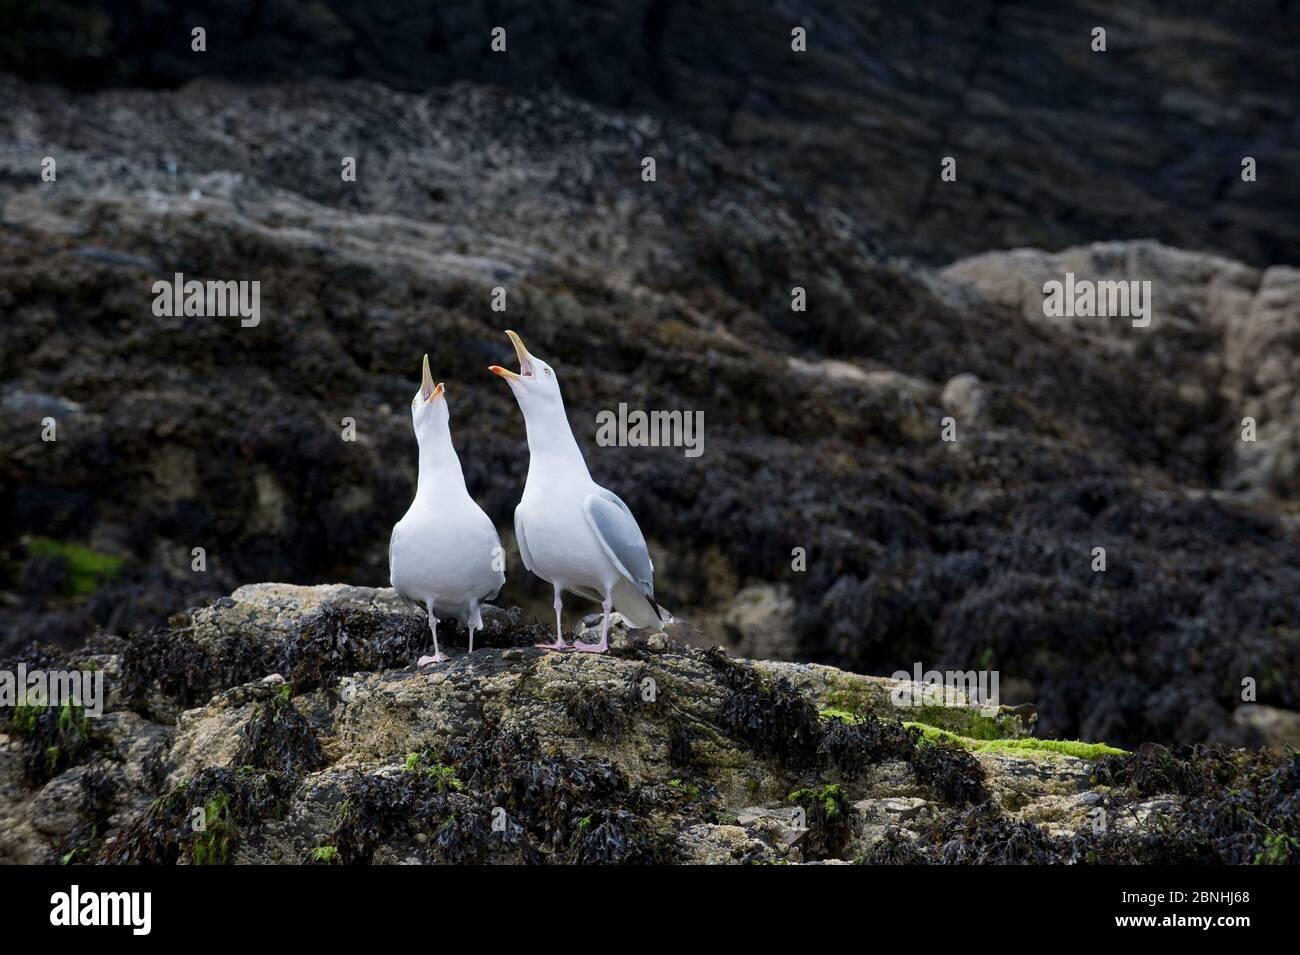 Gaviotas arenques (Larus argentatus) llamando al acantilado. Cardigan Bay, Gales. Julio. Foto de stock